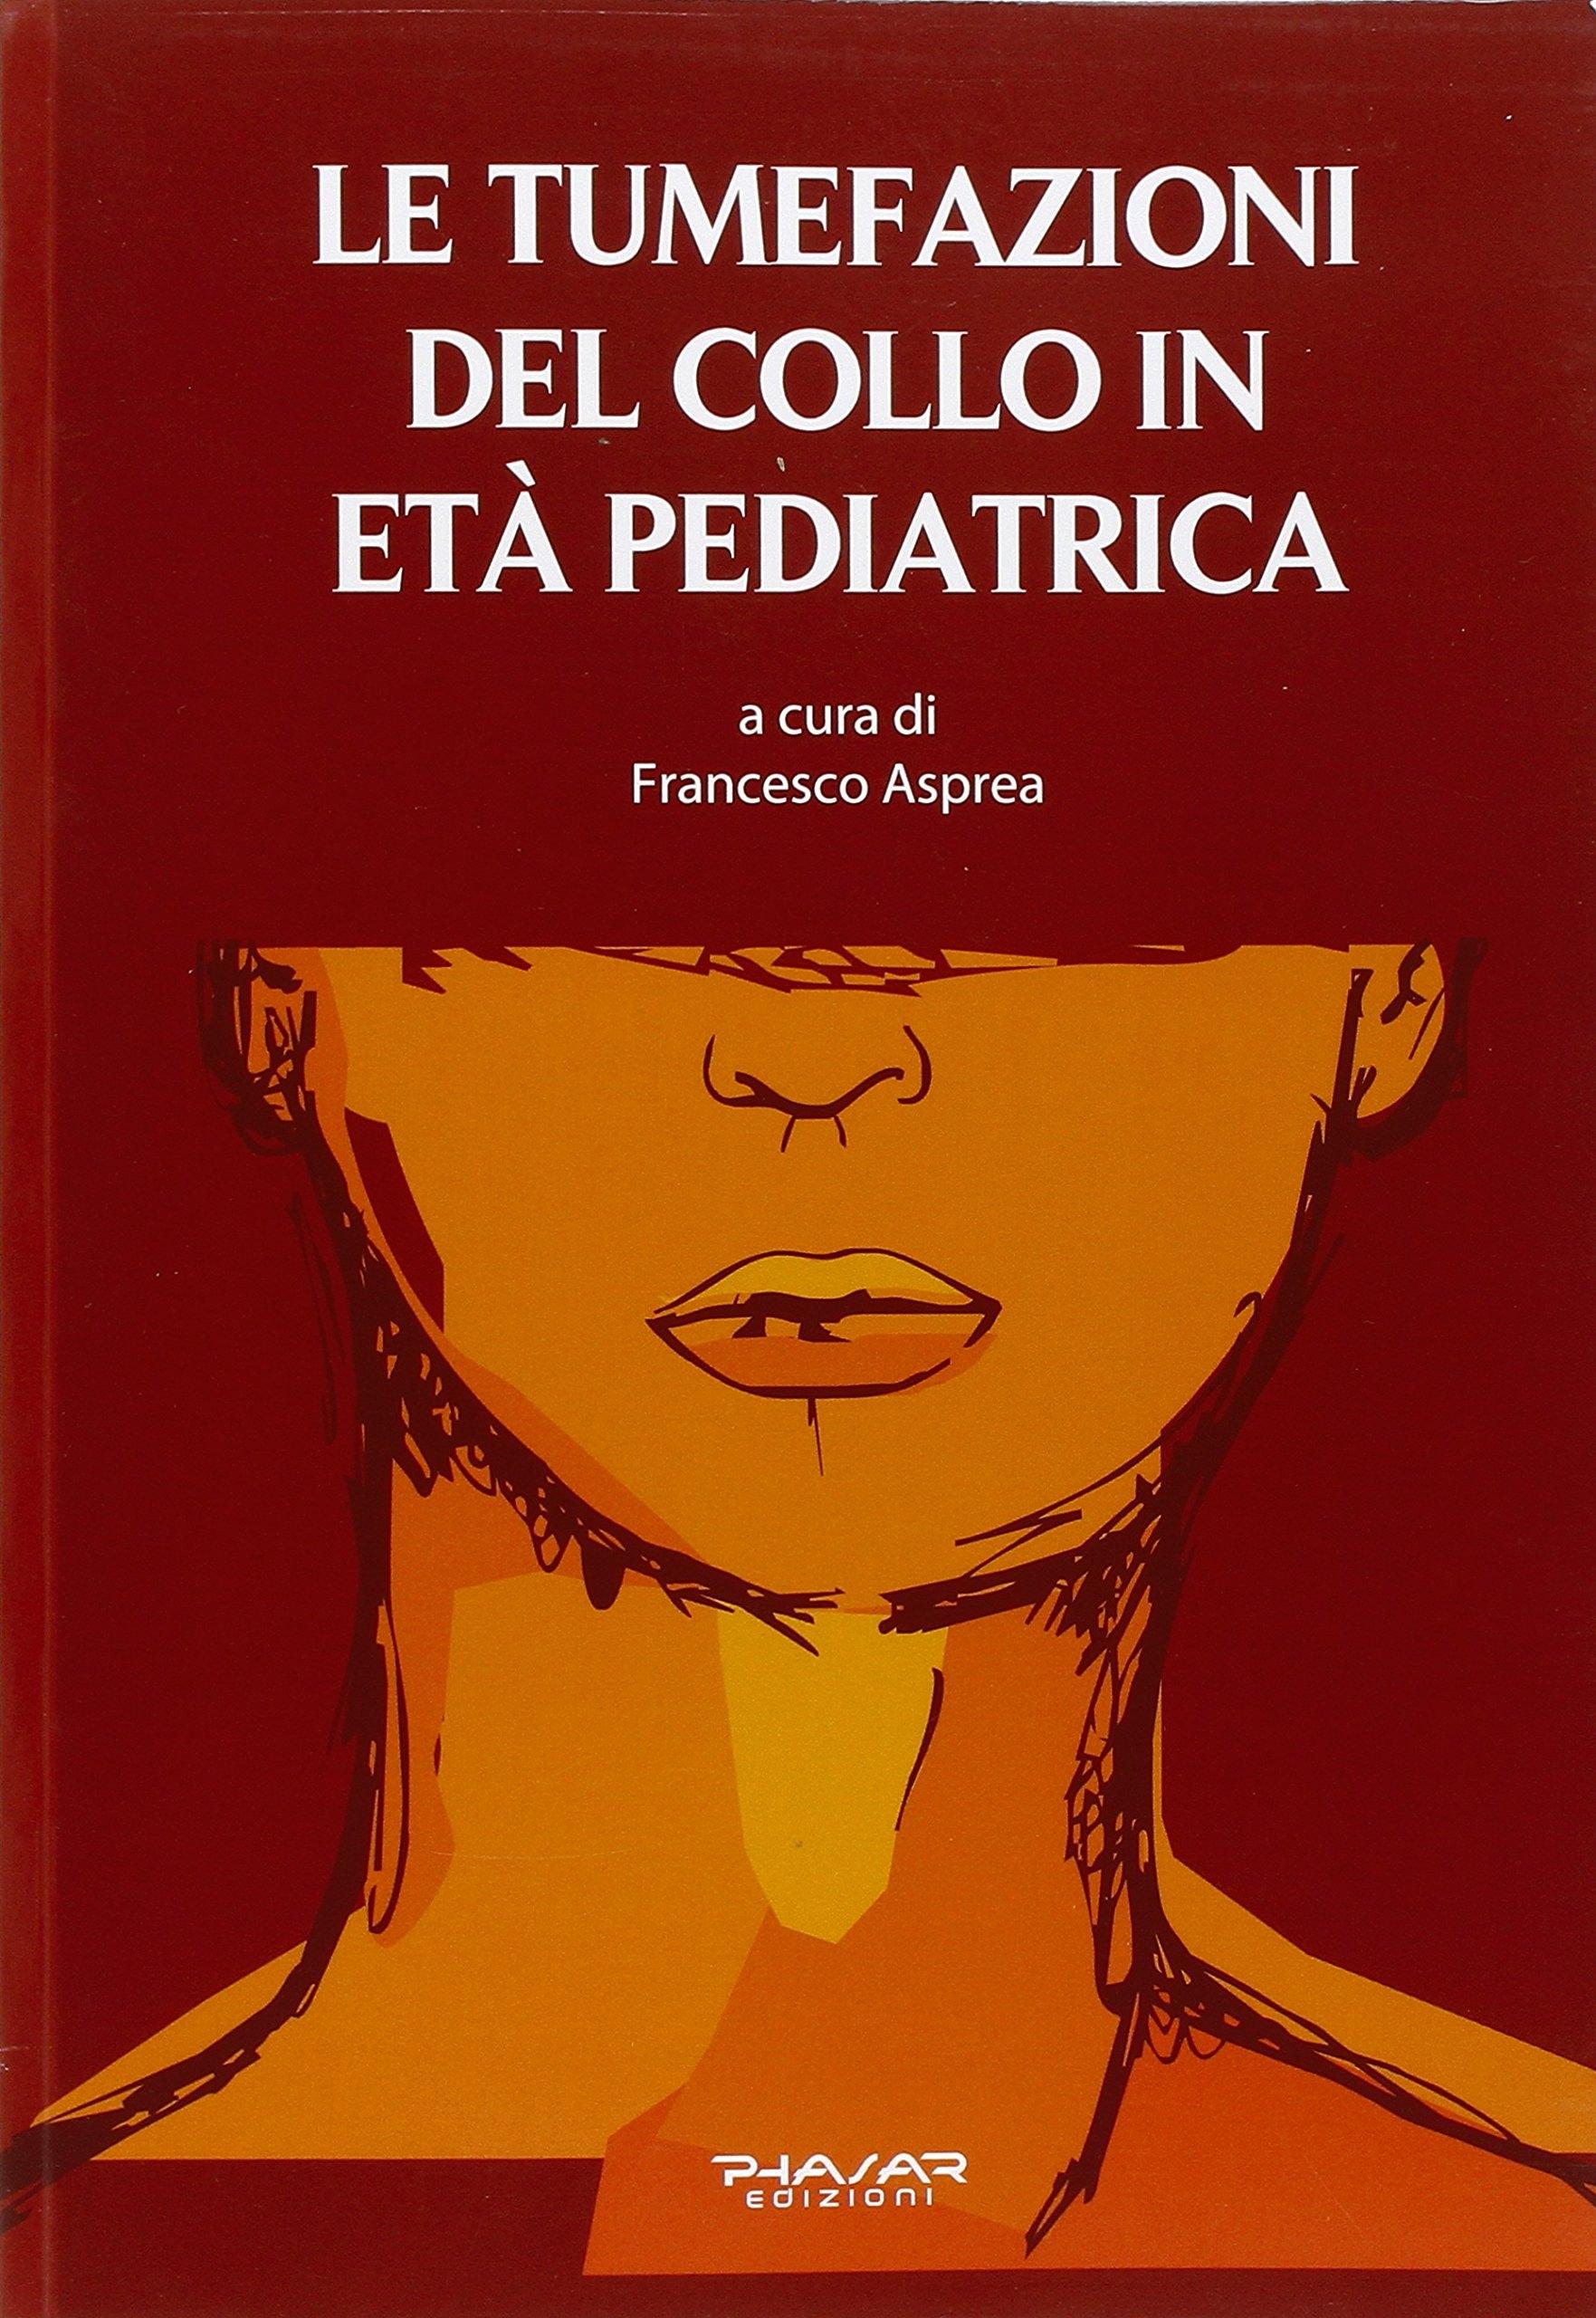 Le tumefazioni del collo in età pediatrica.